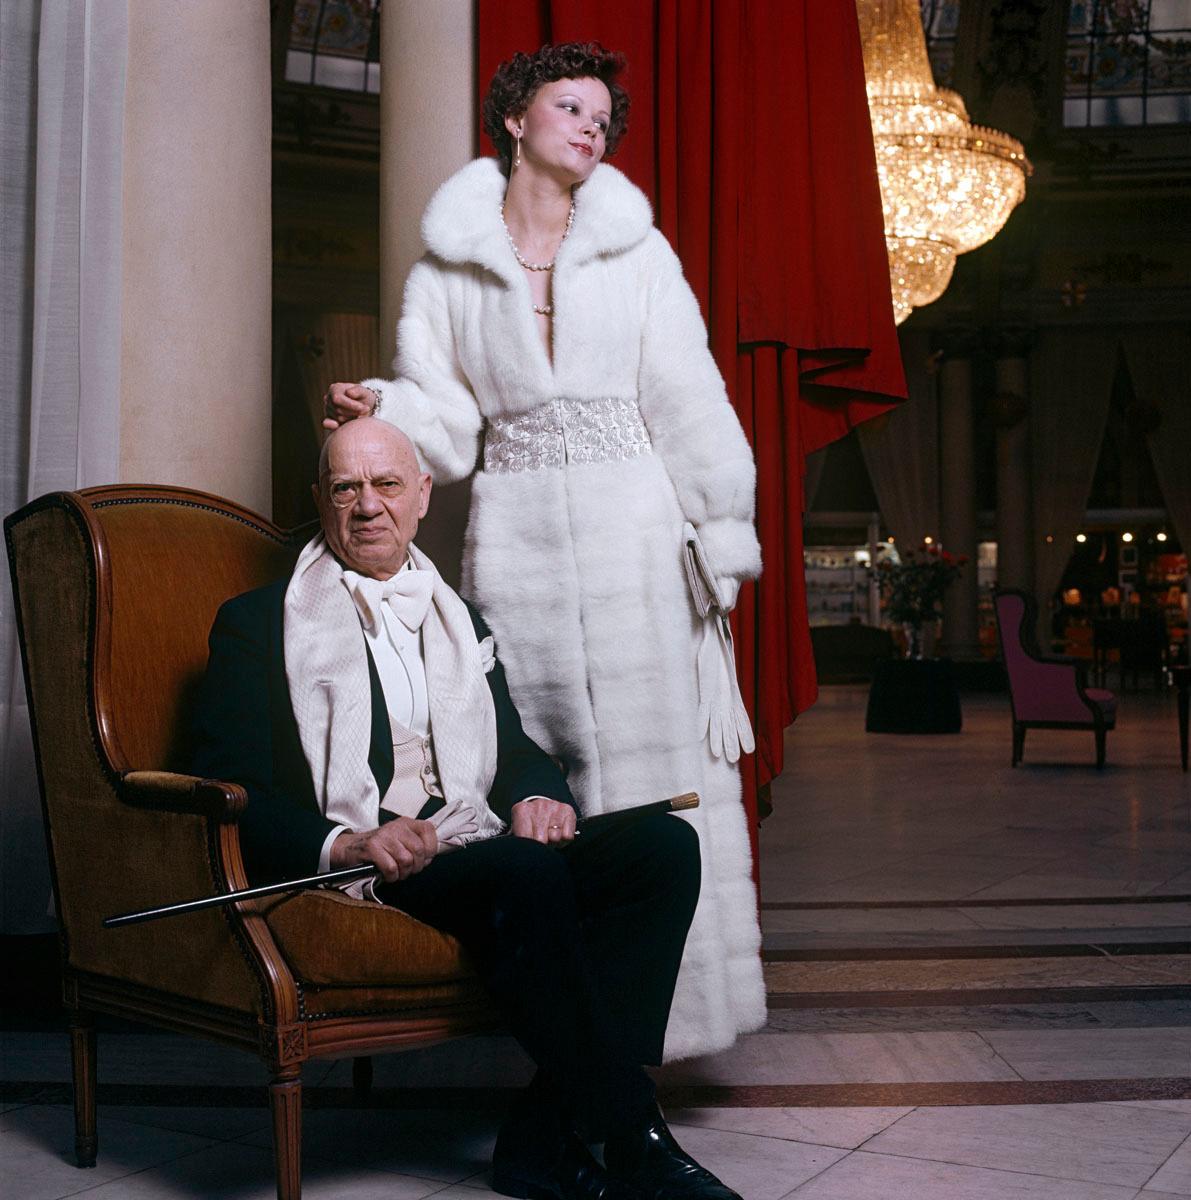 La photographie montre une femme en fourrure et un homme âgé.